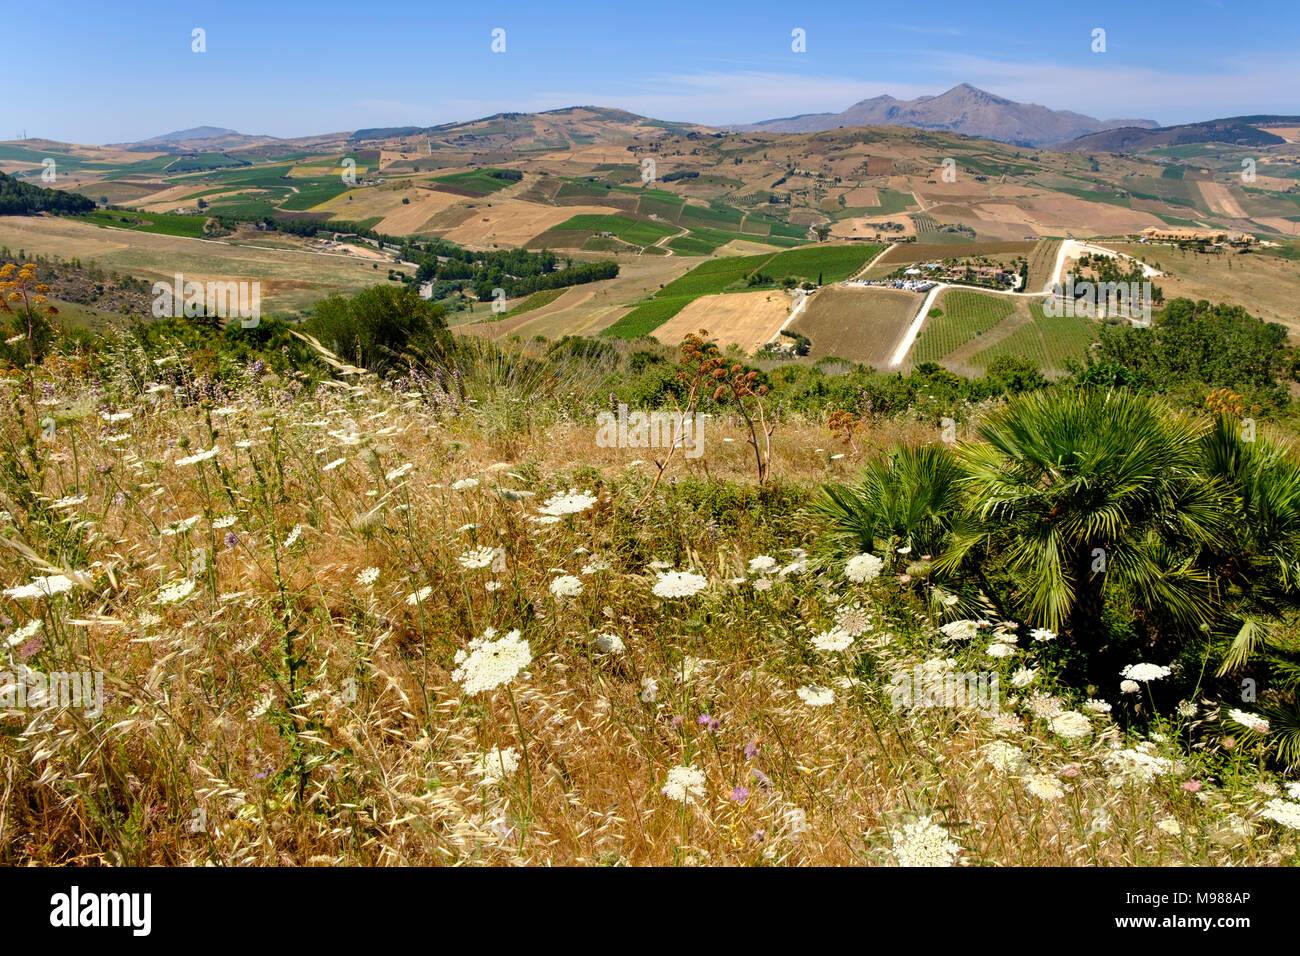 Aussicht vom Theater von Segesta, auf Restaurant Agora di Segesta und Vila Palmeri, griechische Tempelanlage Segesta, Provinz Trapani, Sizilien, Itali - Stock Image